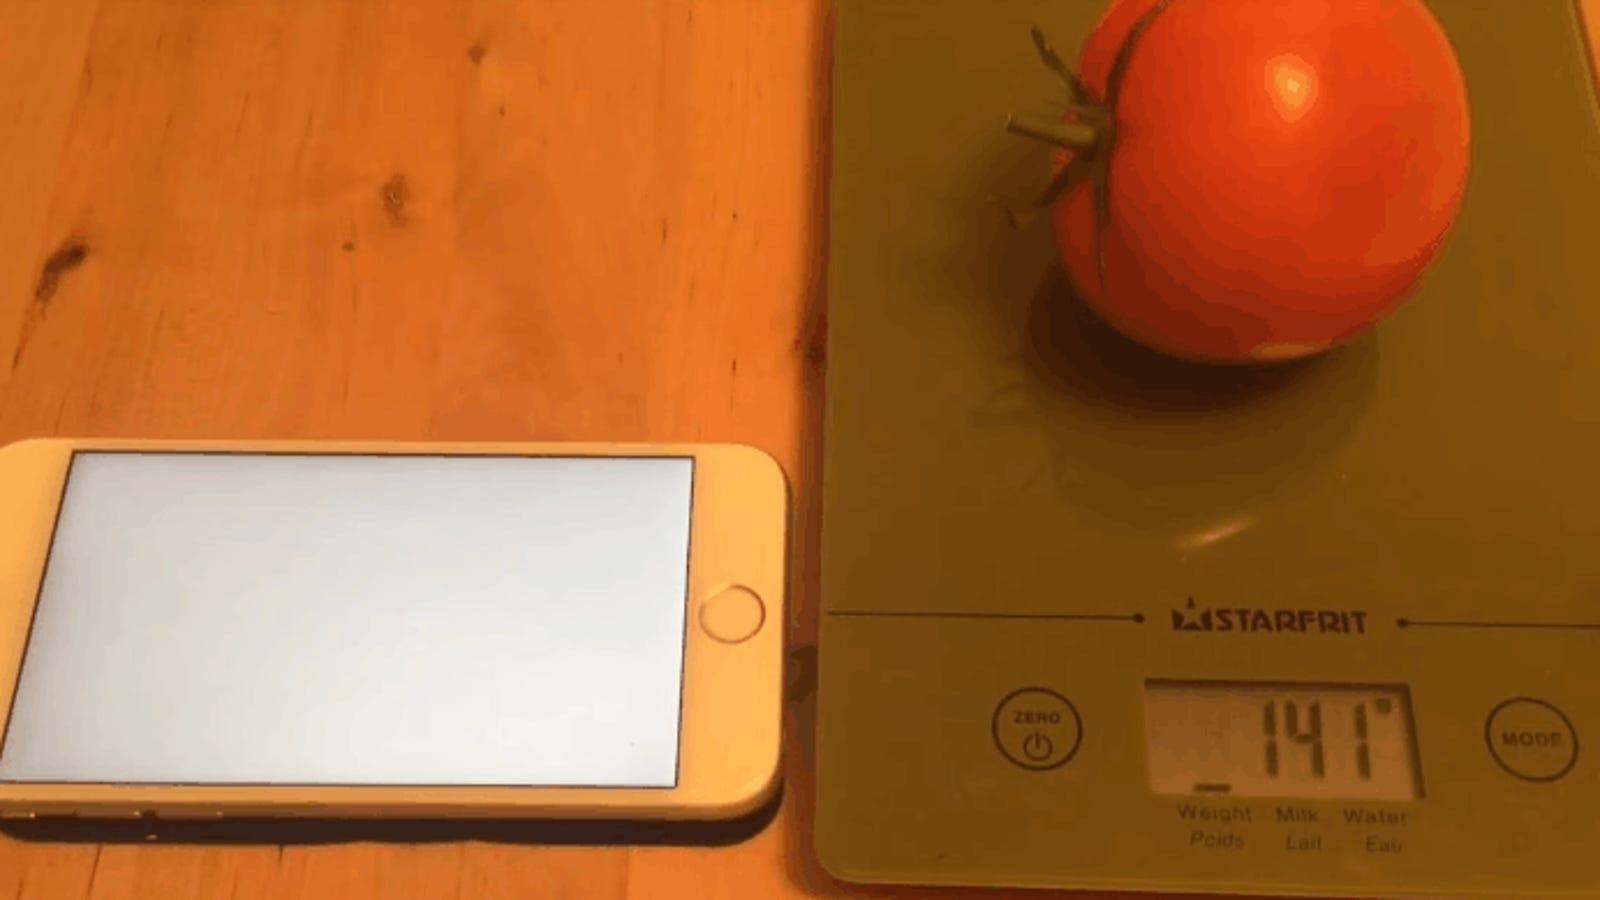 La tecnología 3D Touch del iPhone es tan precisa que incluso puede pesar algunas frutas